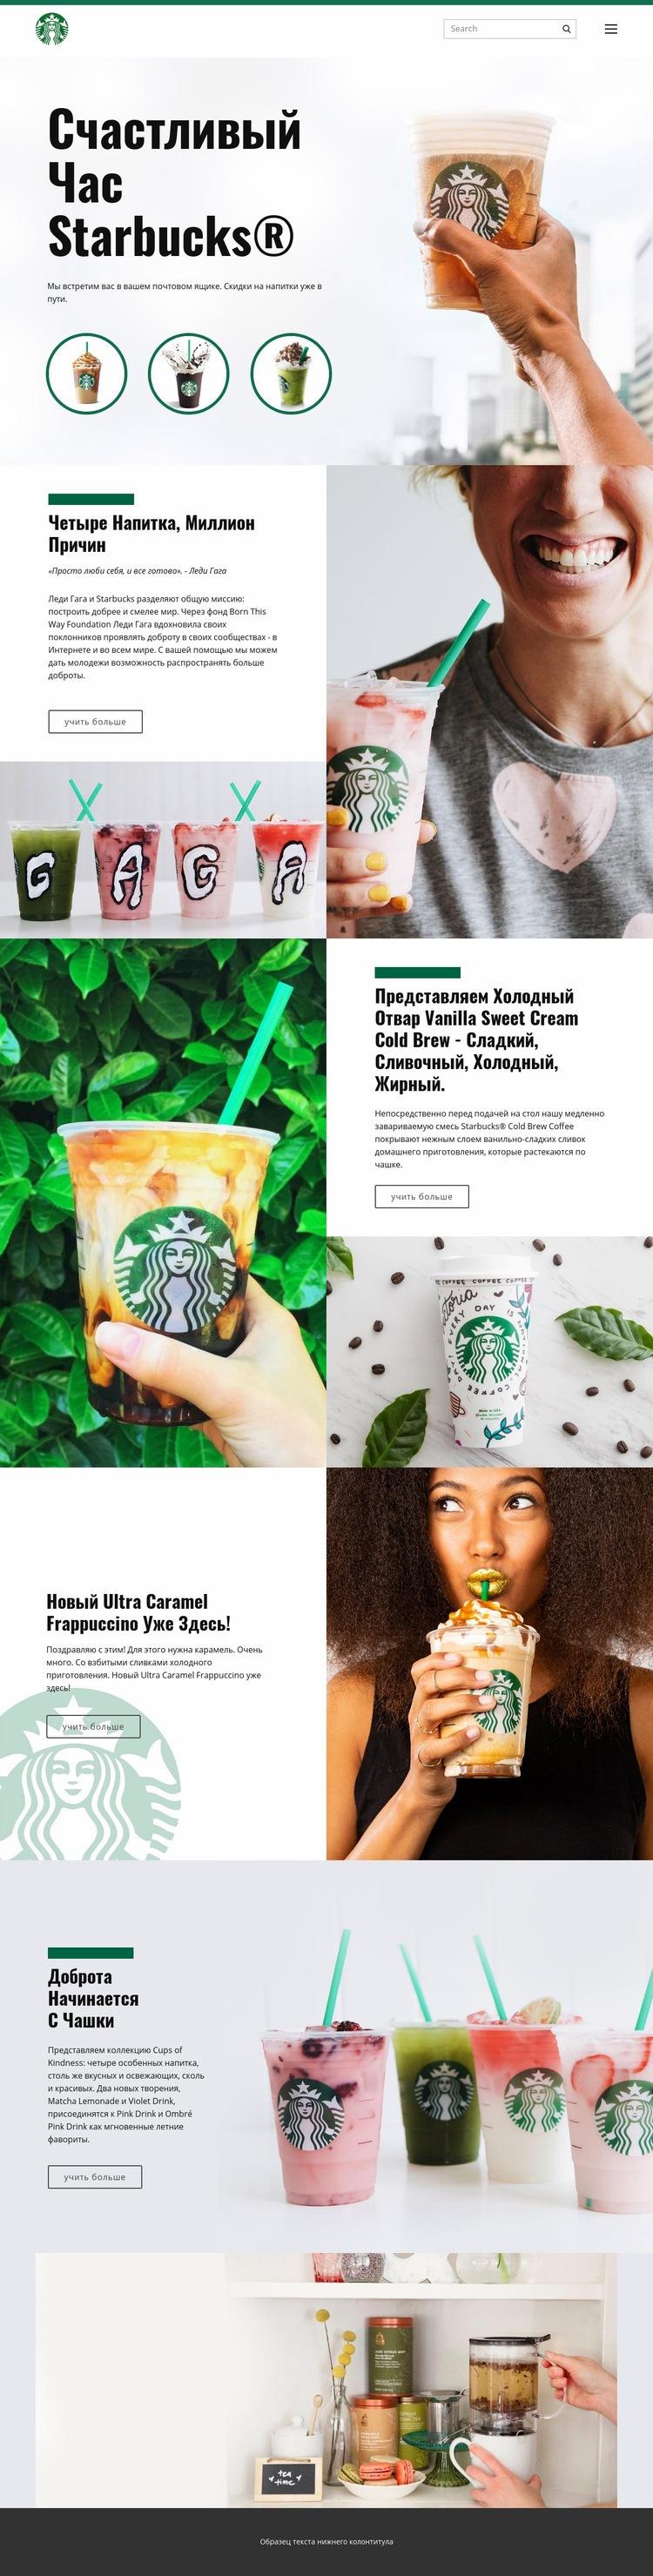 Кофе Старбакс HTML шаблон